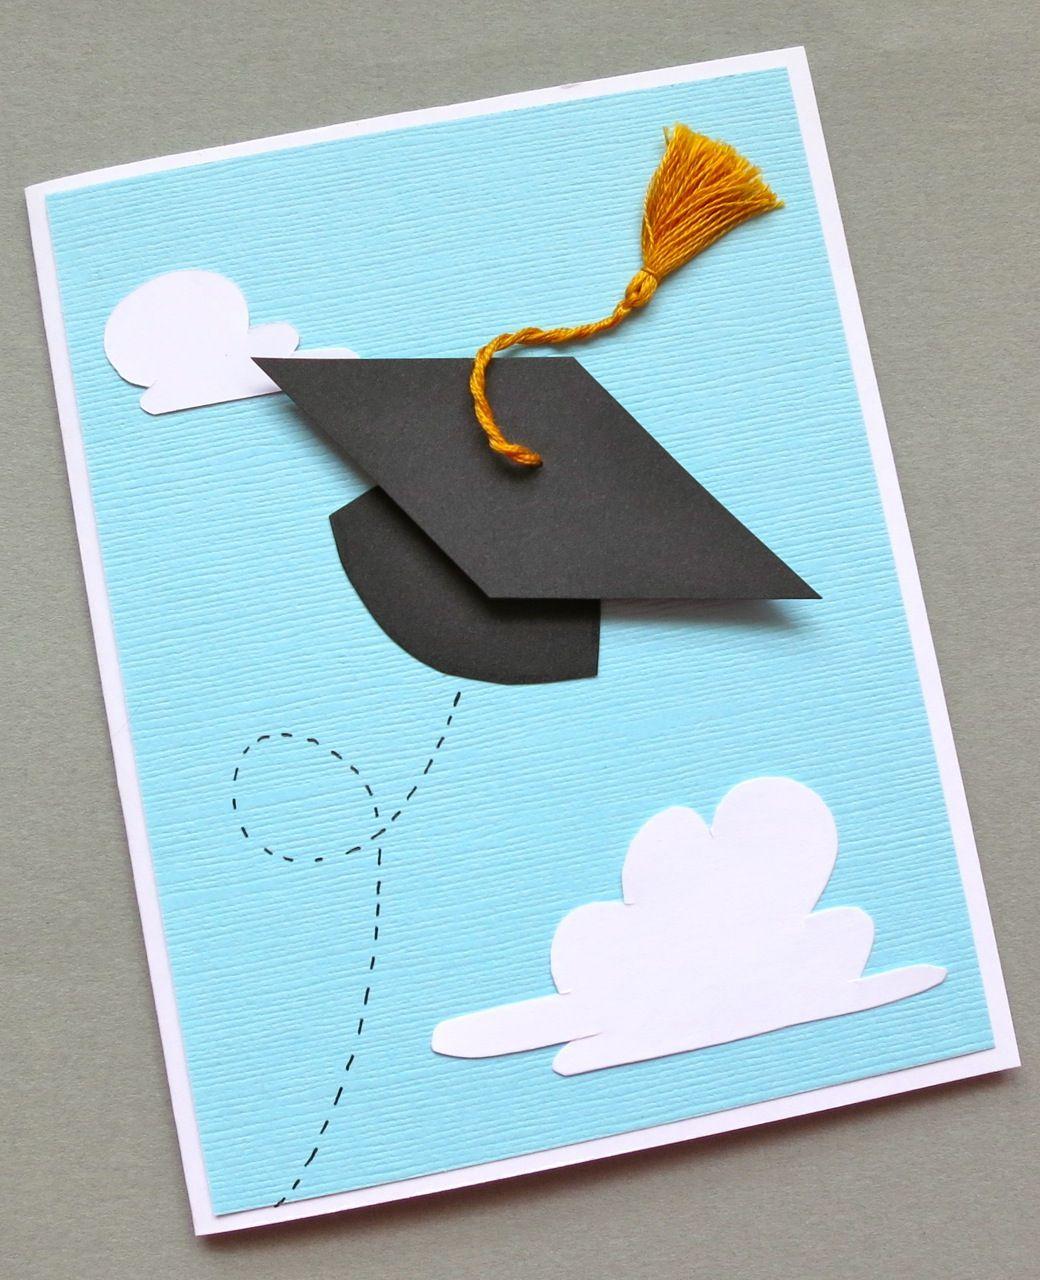 Поздравительная открытка для выпускников своими руками, картинки день знаний